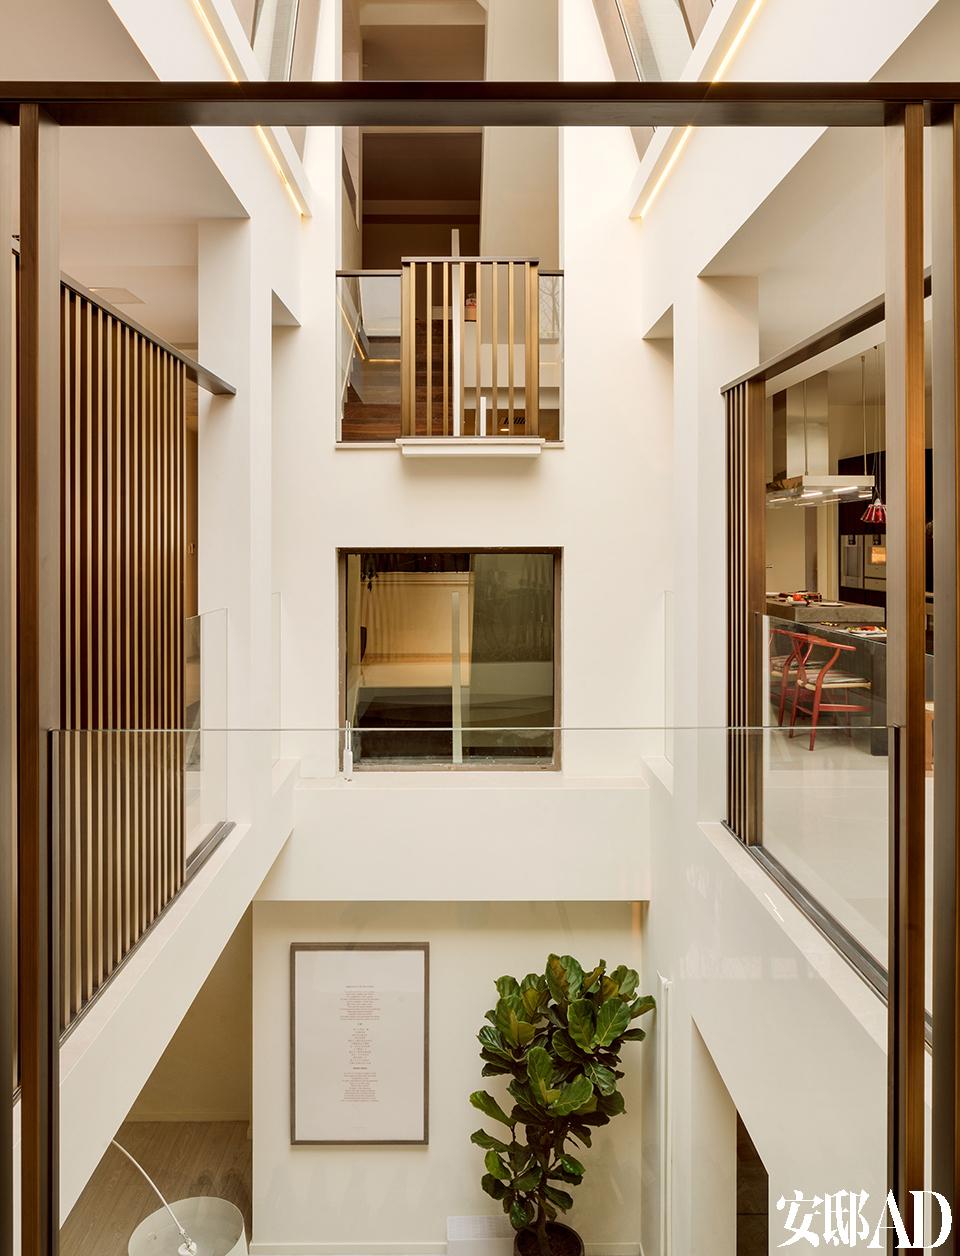 这座处于建筑中心位置的楼梯间给各层带来丰沛采光,是整栋别墅中赵胤胤花心思最多的地方。处于建筑中心位置的楼梯间,各层的铸铜围栏给空间带来通透感。版画出自岳敏君《诗》。